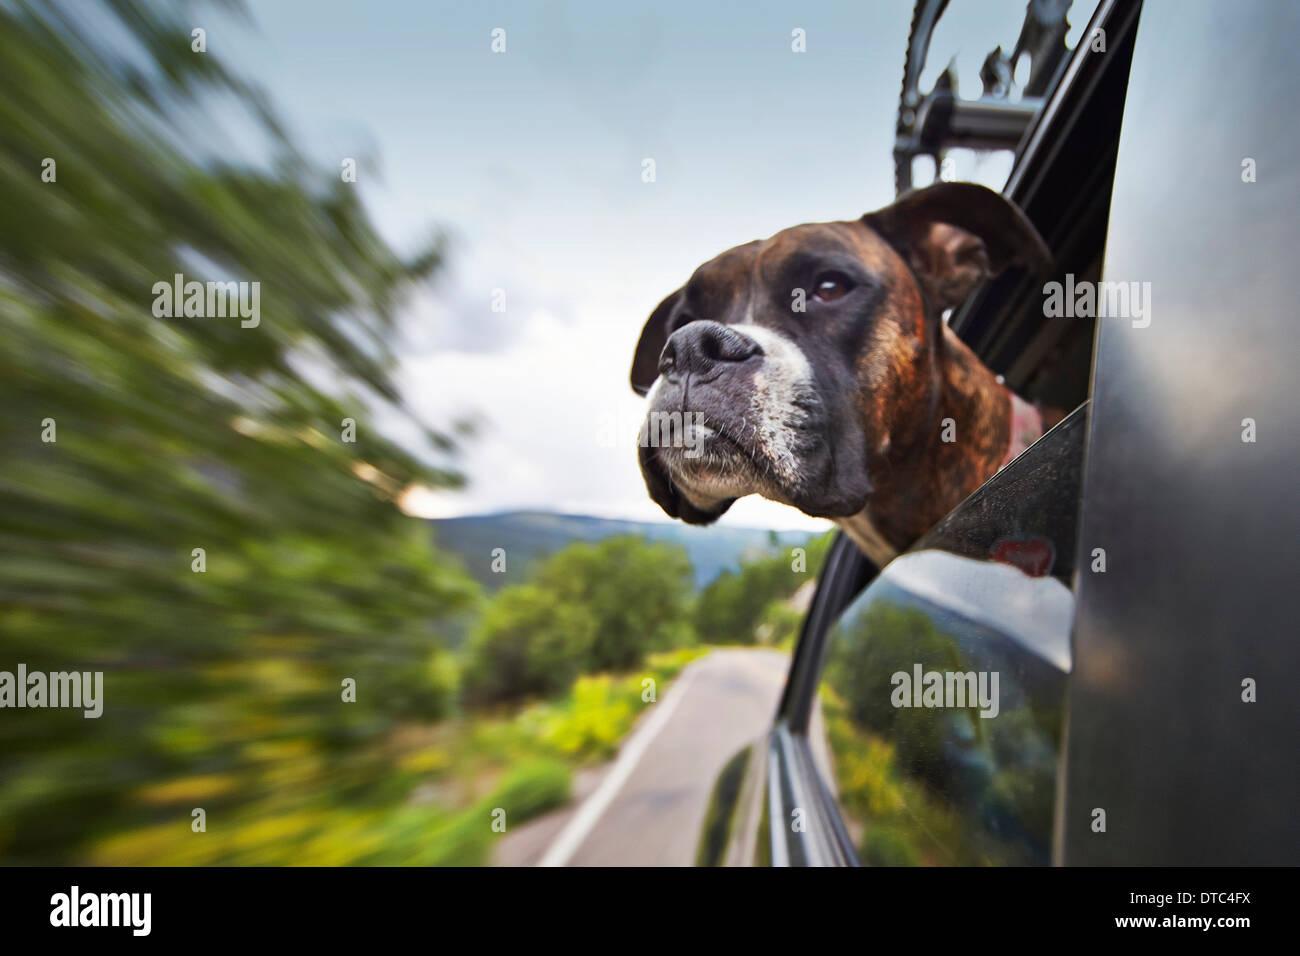 Hund aus dem Autofenster unterwegs Stockbild